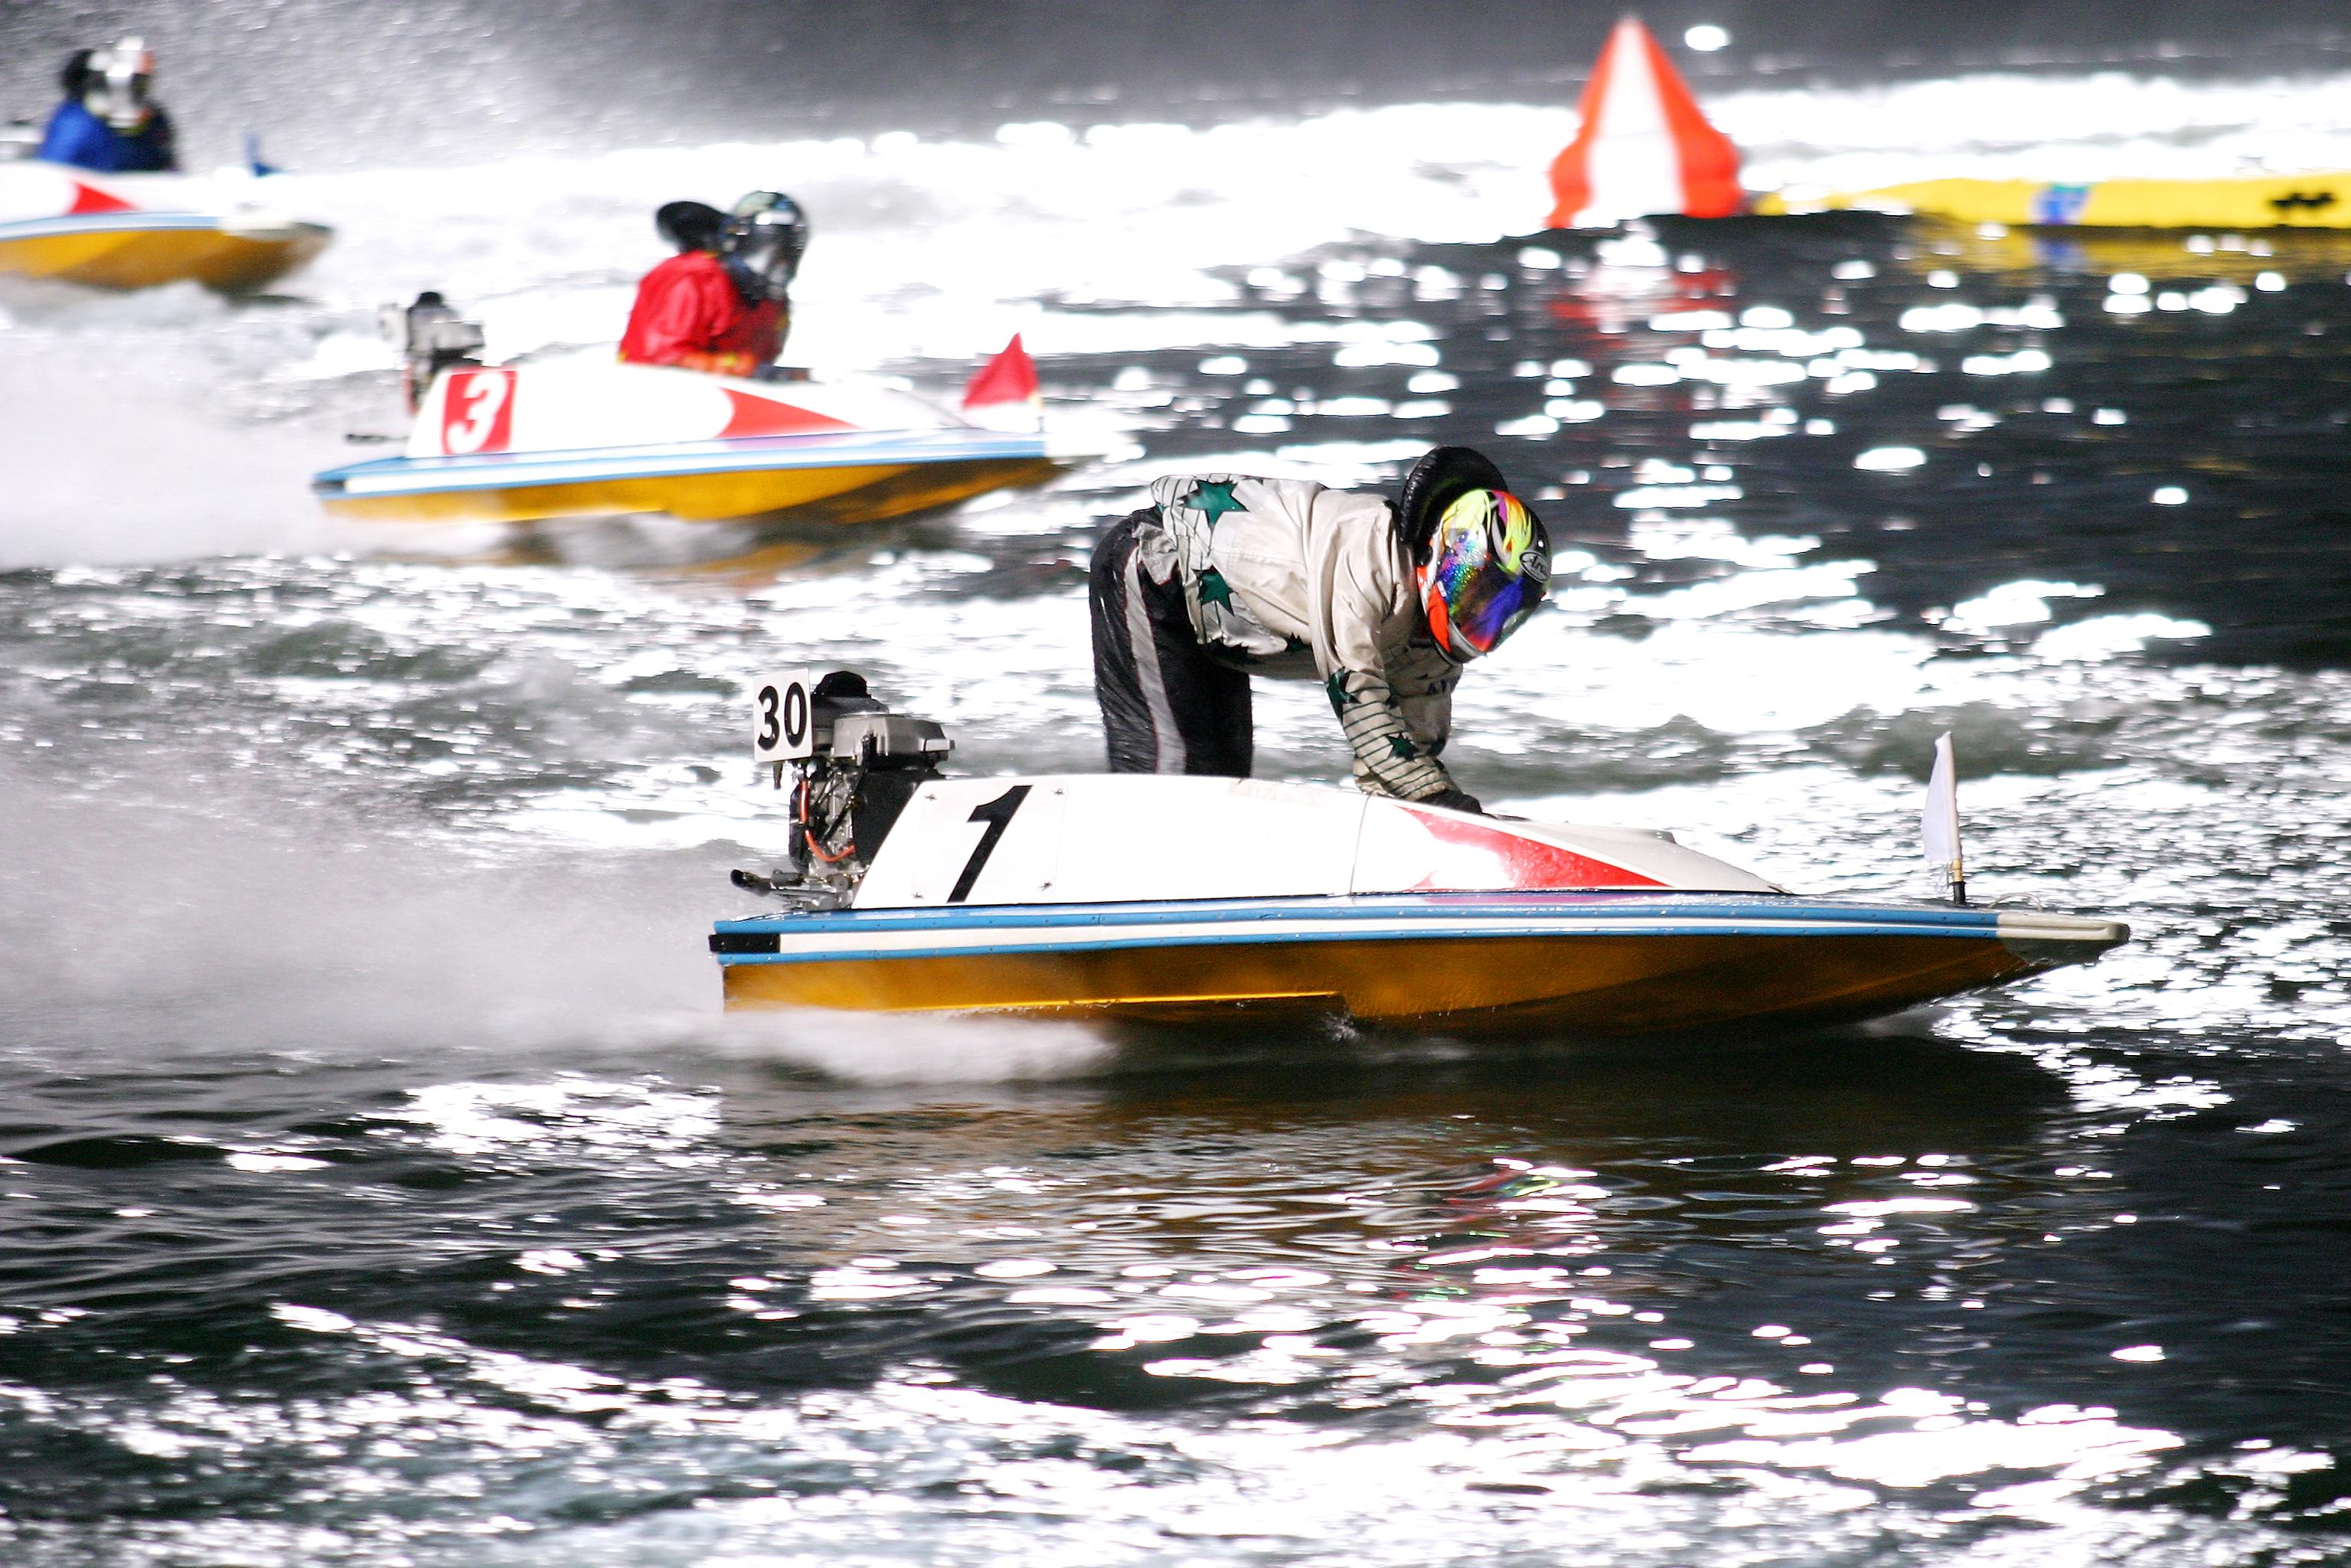 リプレイ レース 江戸川 競艇